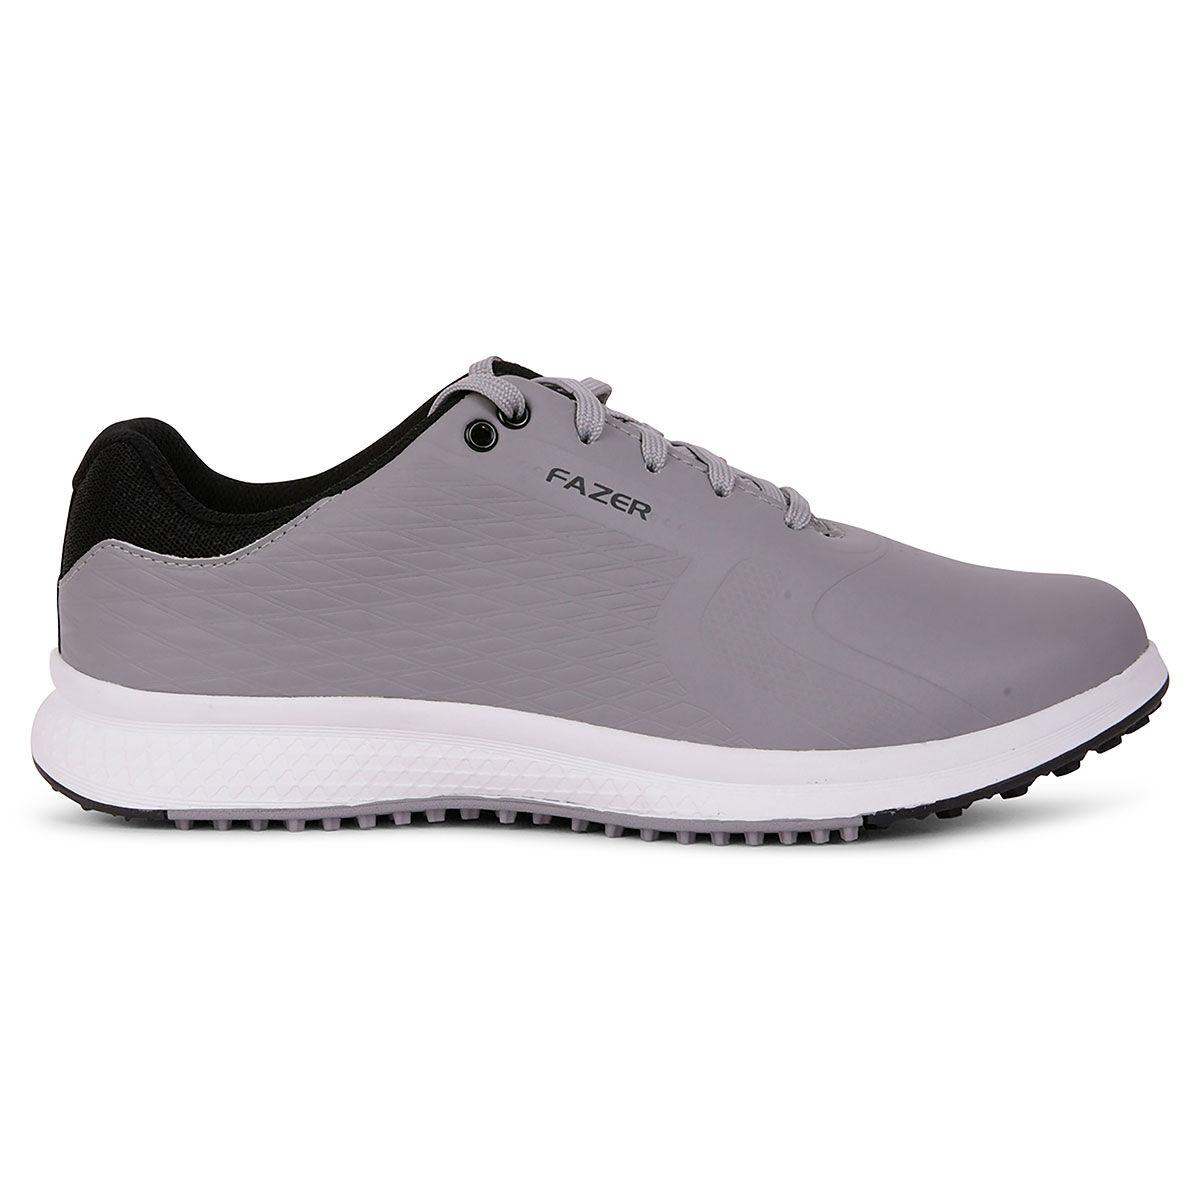 Fazer Explorer Golf Shoes, Mens, Grey, 10 | American Golf